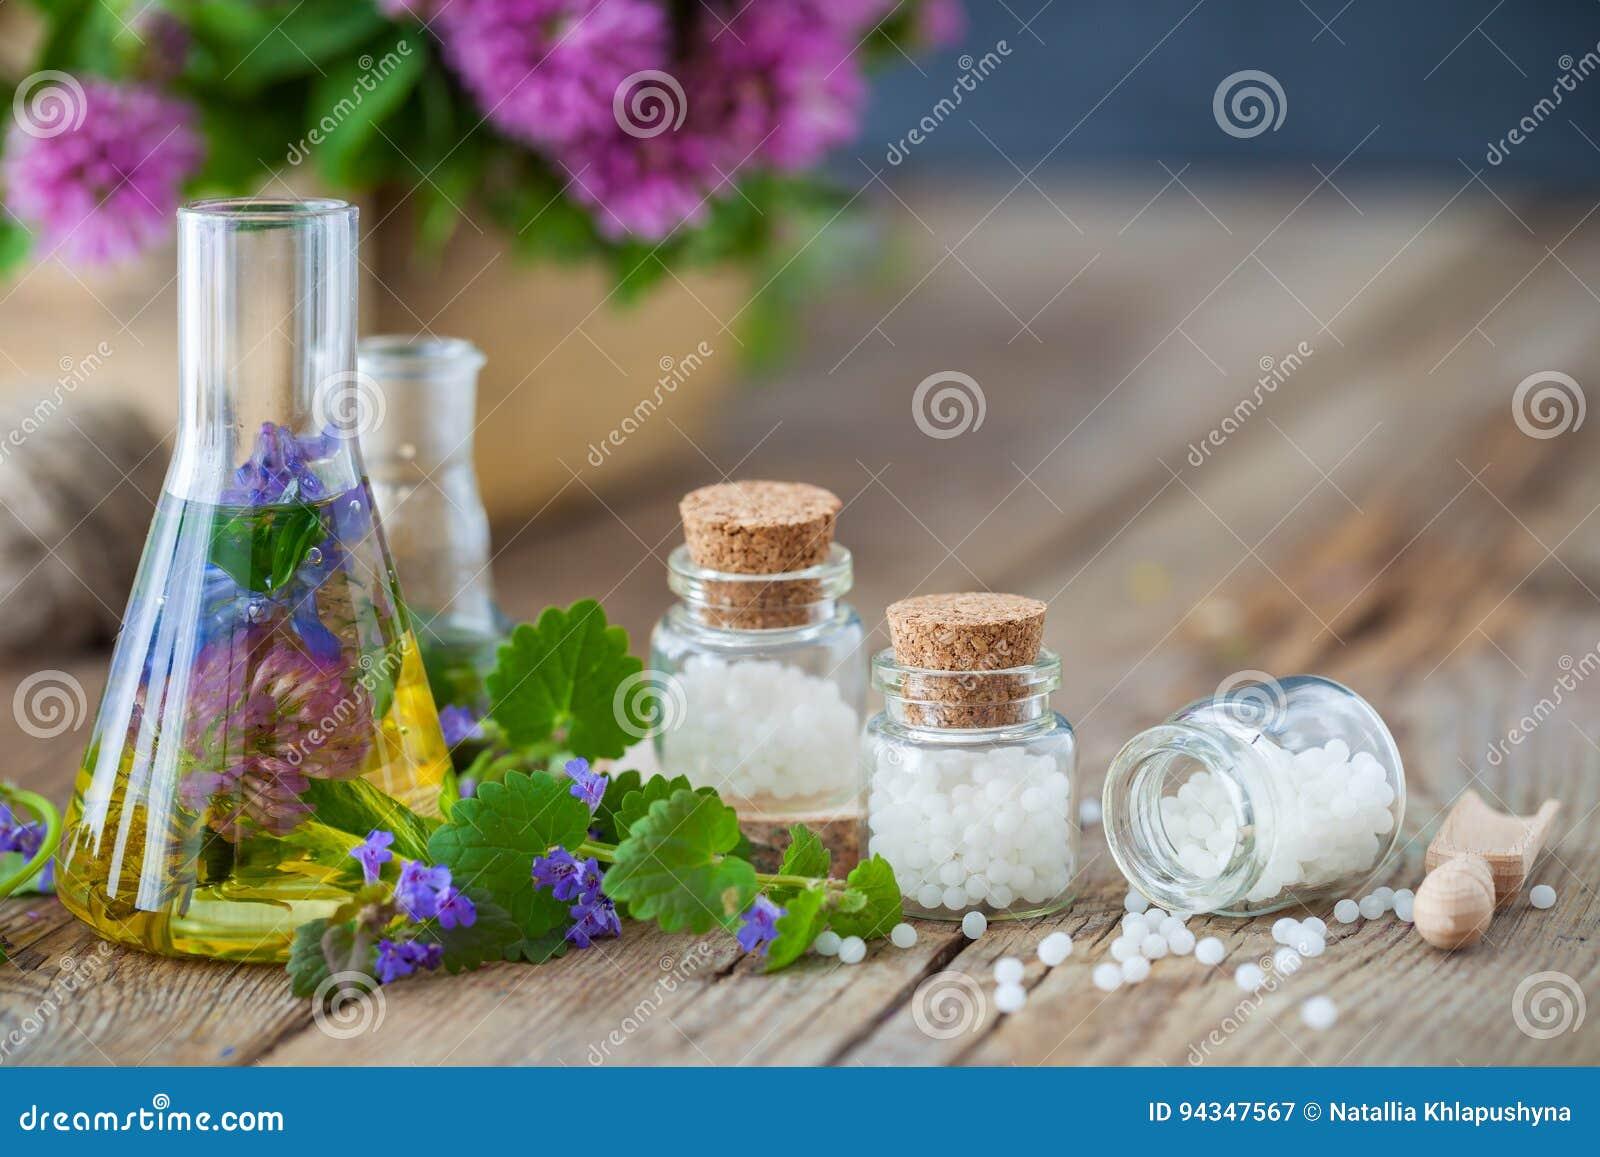 Phiolen Tinktur von gesunden Kräutern und von Flaschen Homöopathiekügelchen